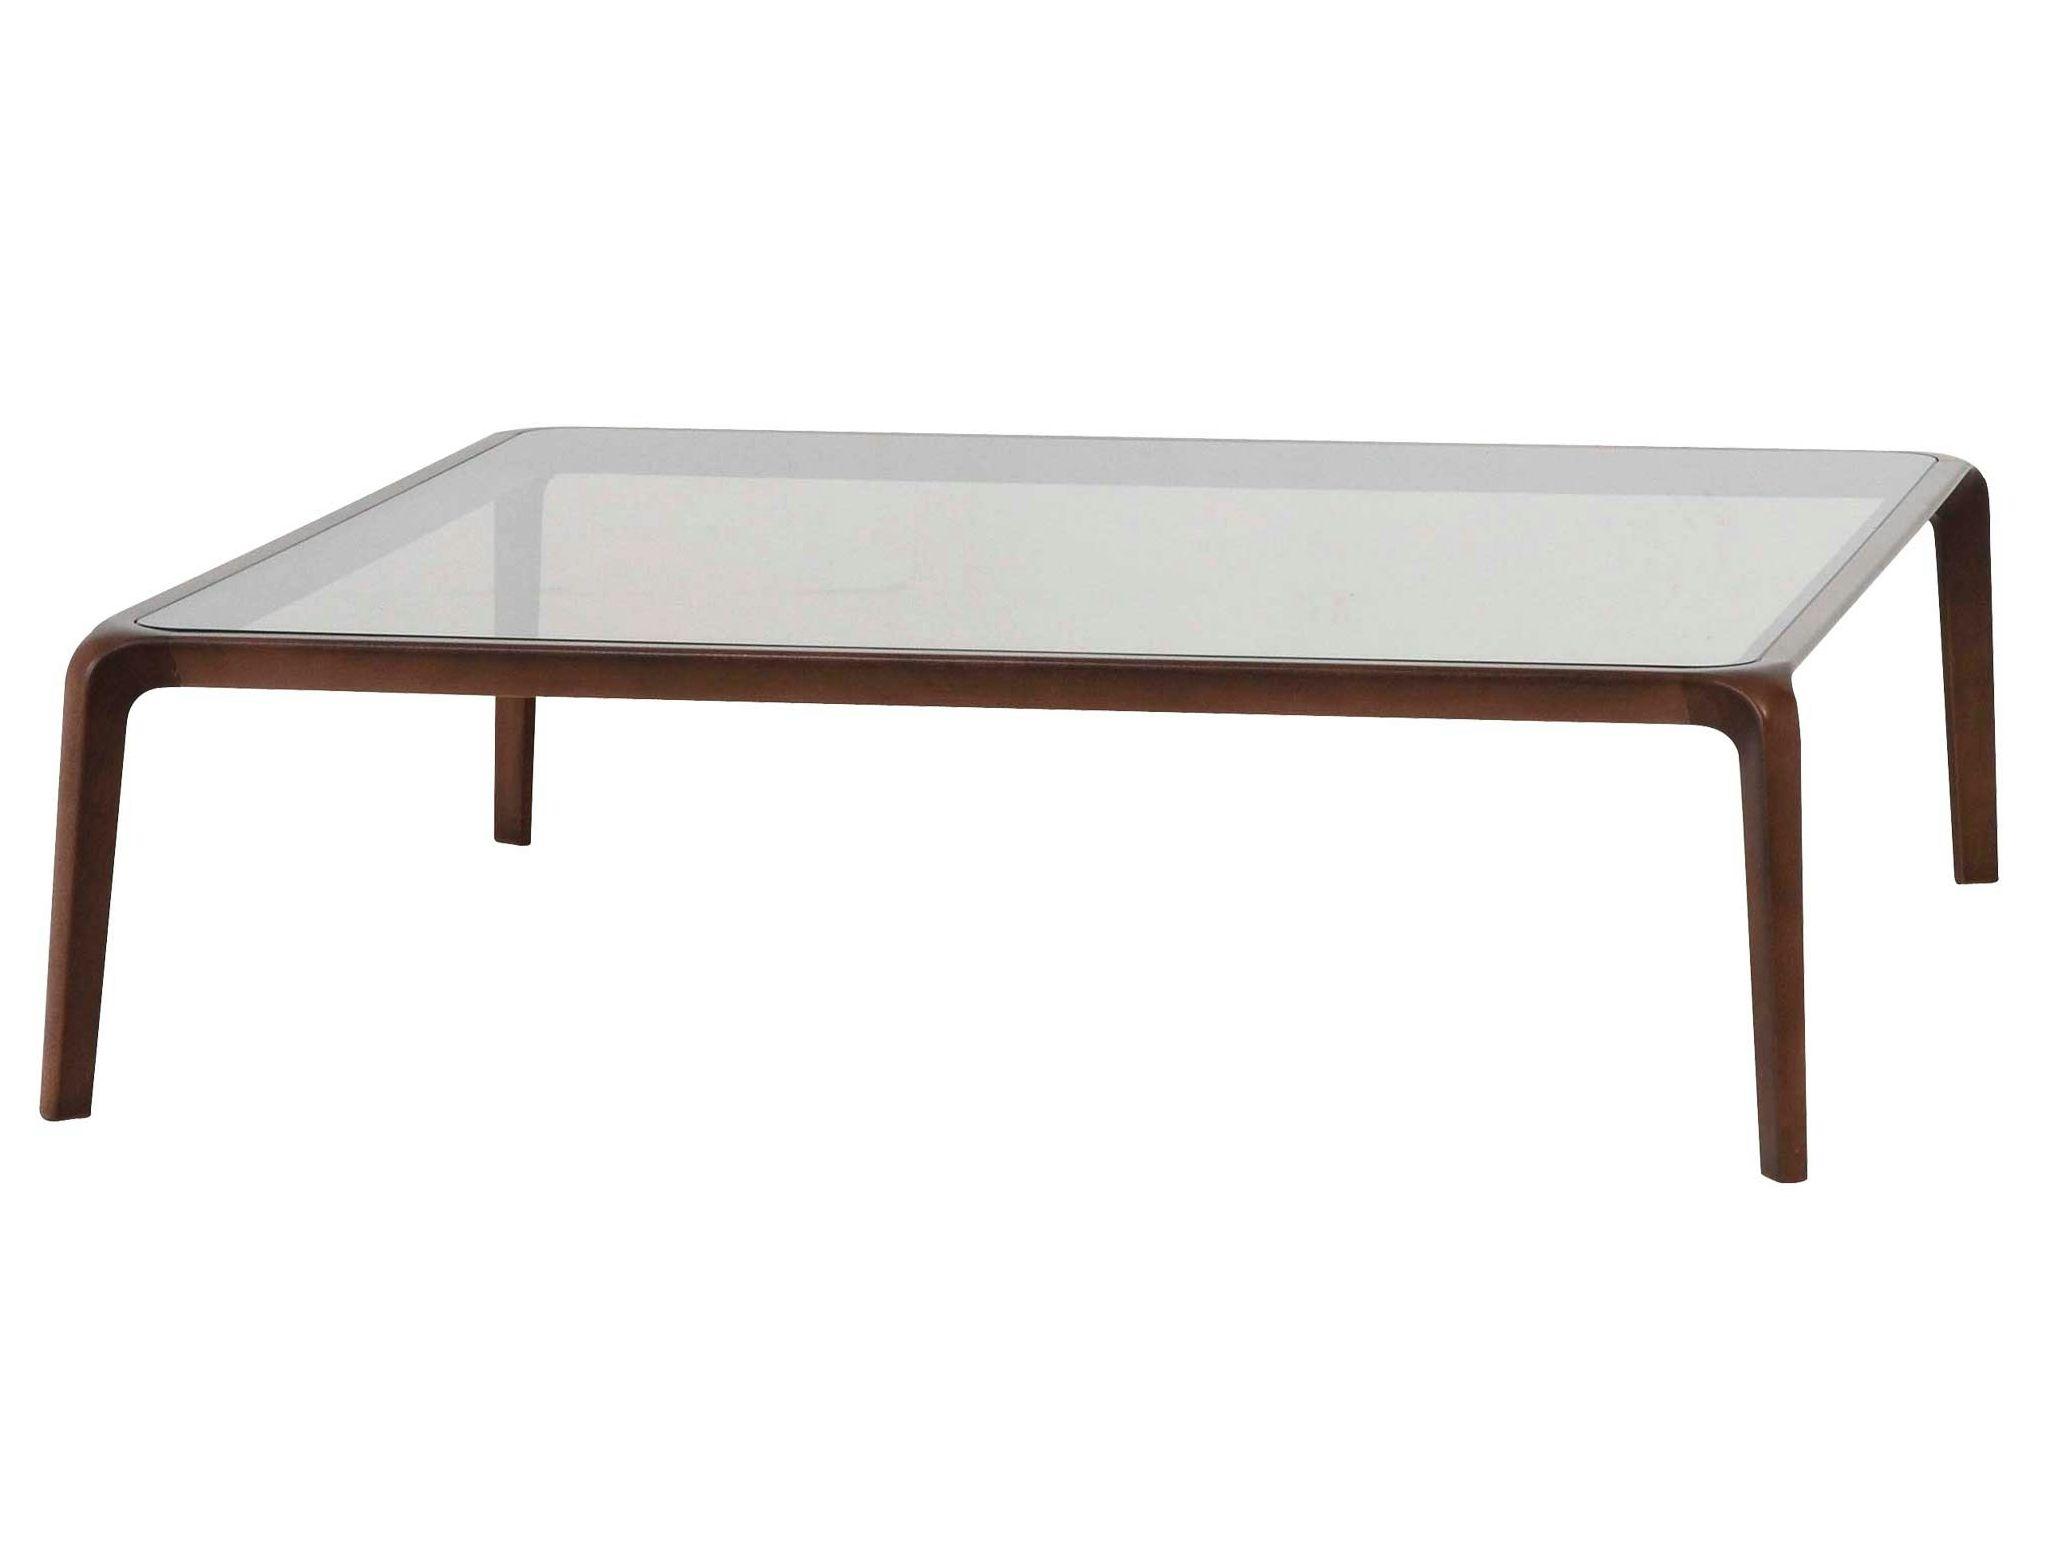 Table Basse En H Tre Brio Collection Les Contemporains By